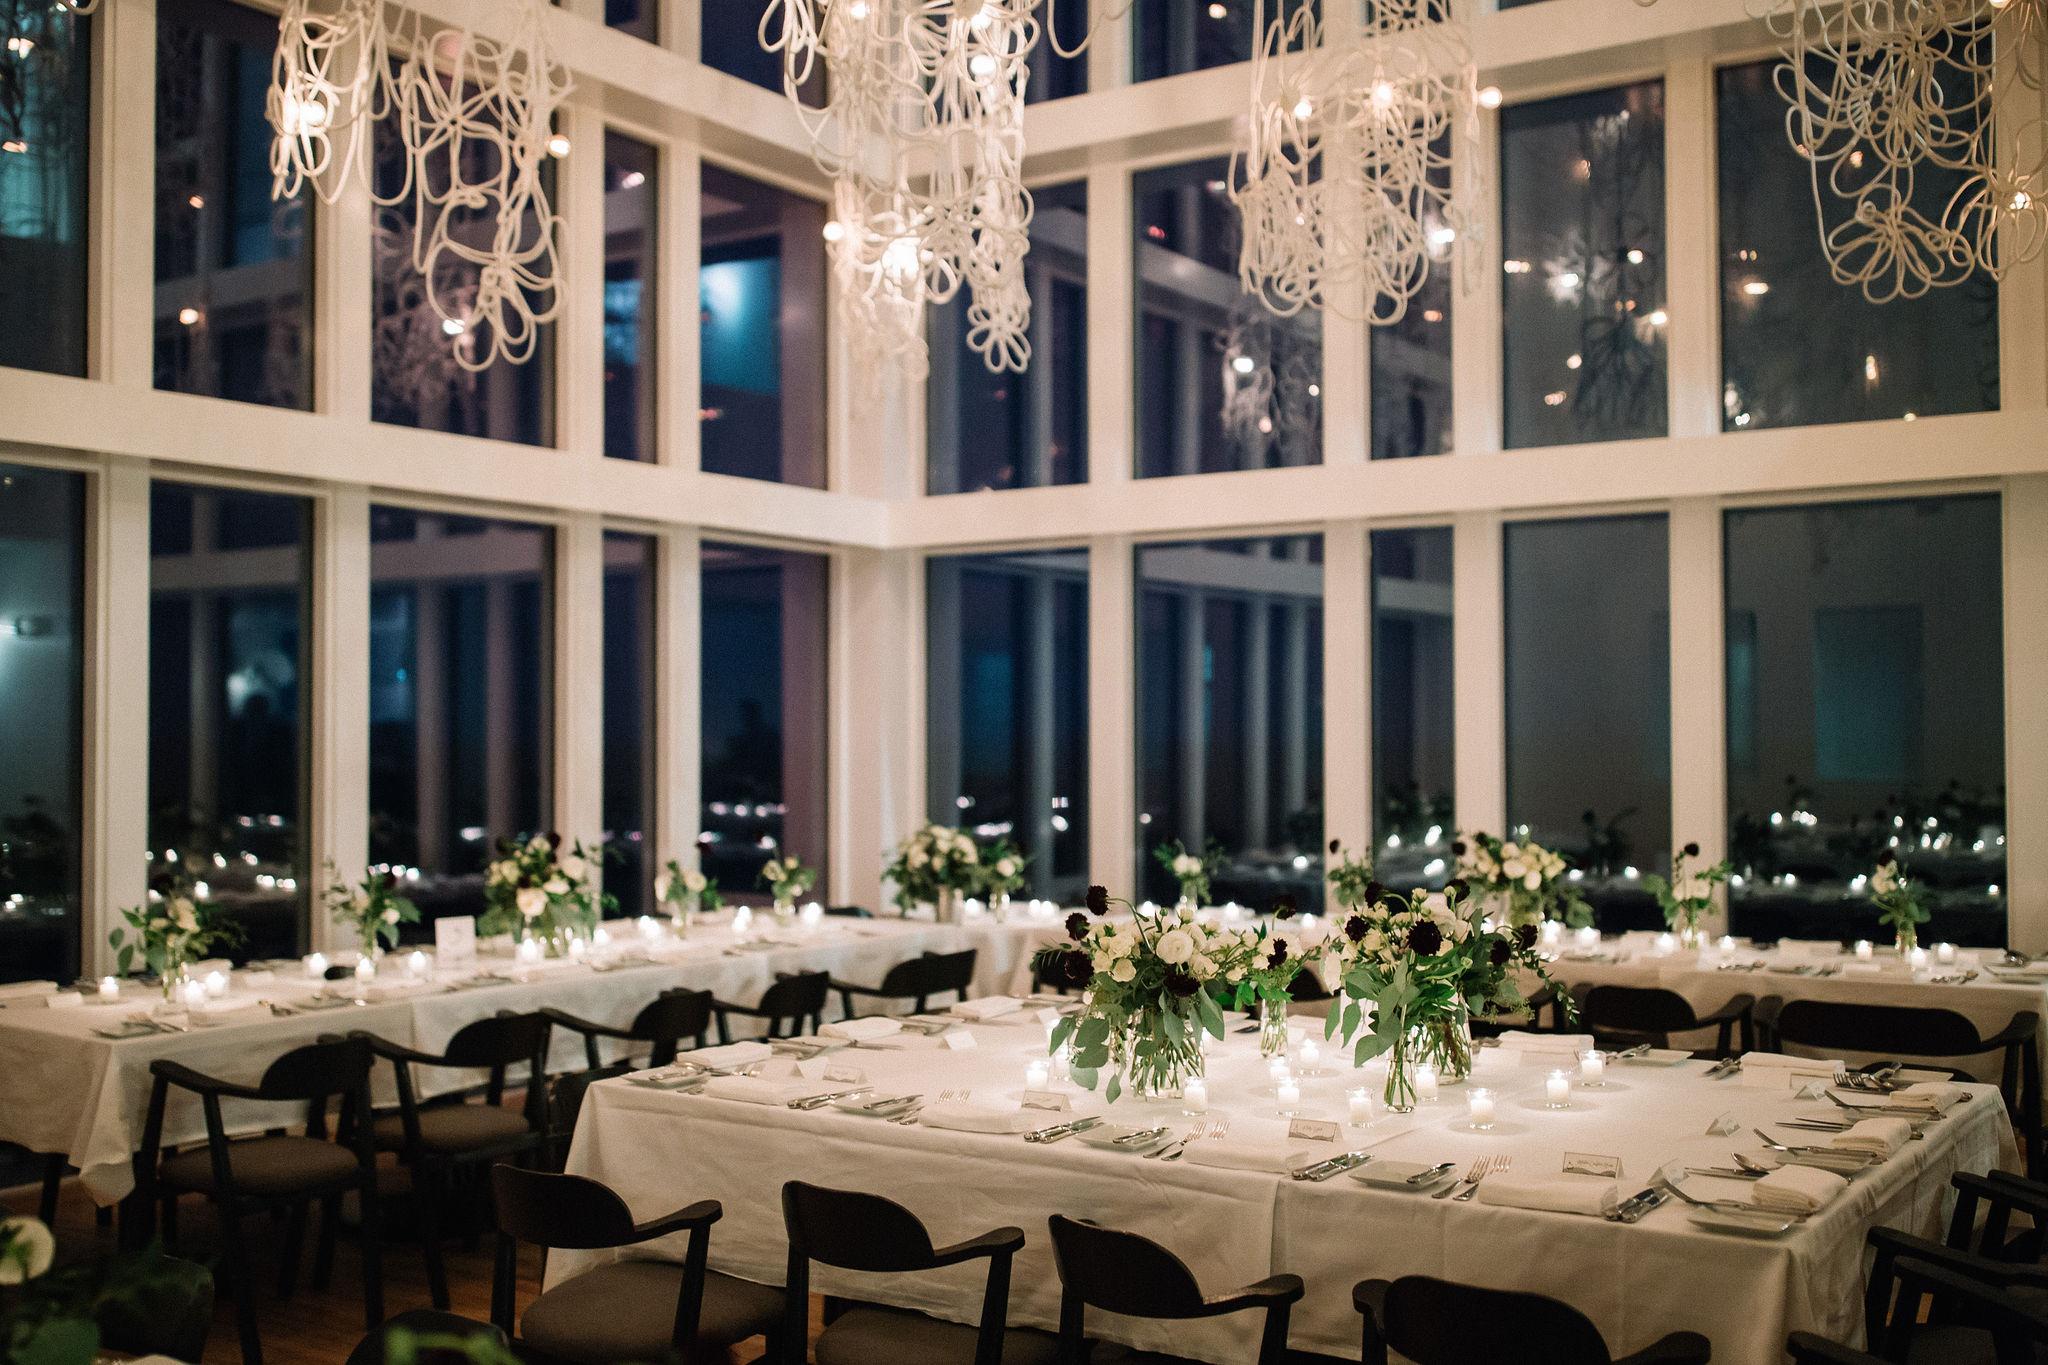 6fc3df204c25-fogo_island_inn_wedding_danielle_meredith_photography_644 (1).jpg